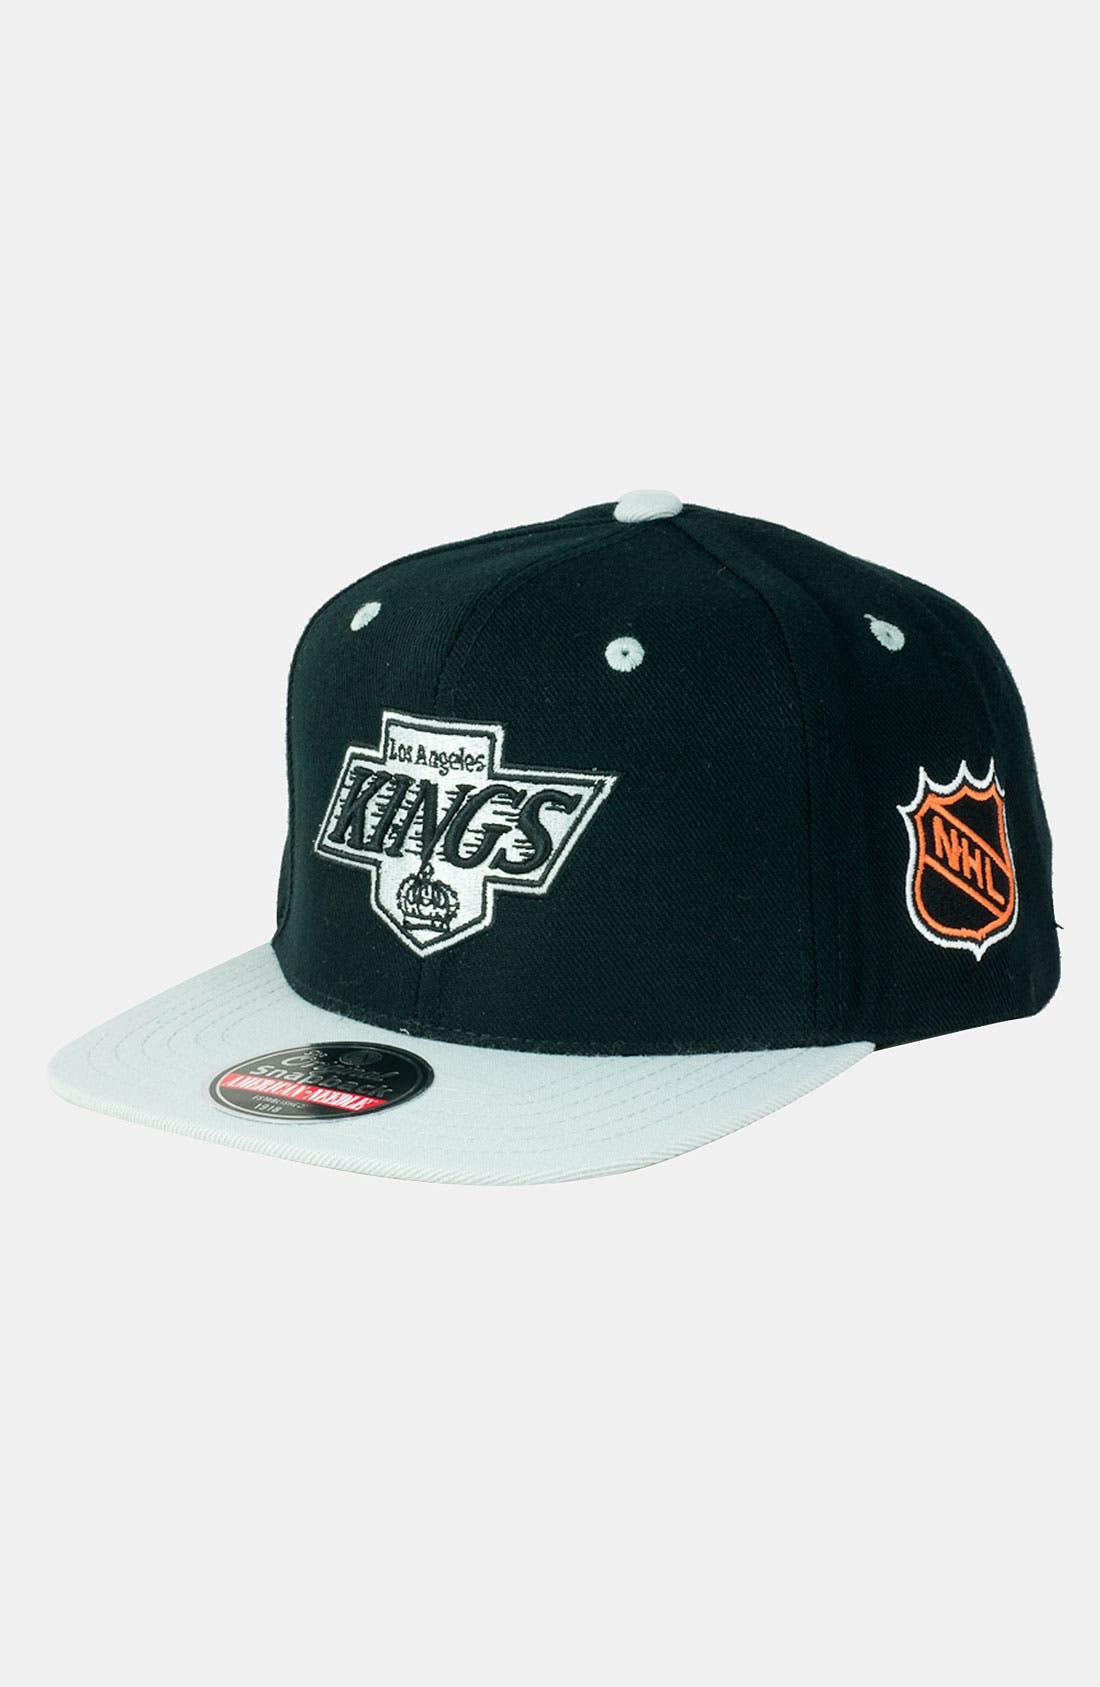 Main Image - American Needle 'Kings - Blockhead' Snapback Baseball Cap